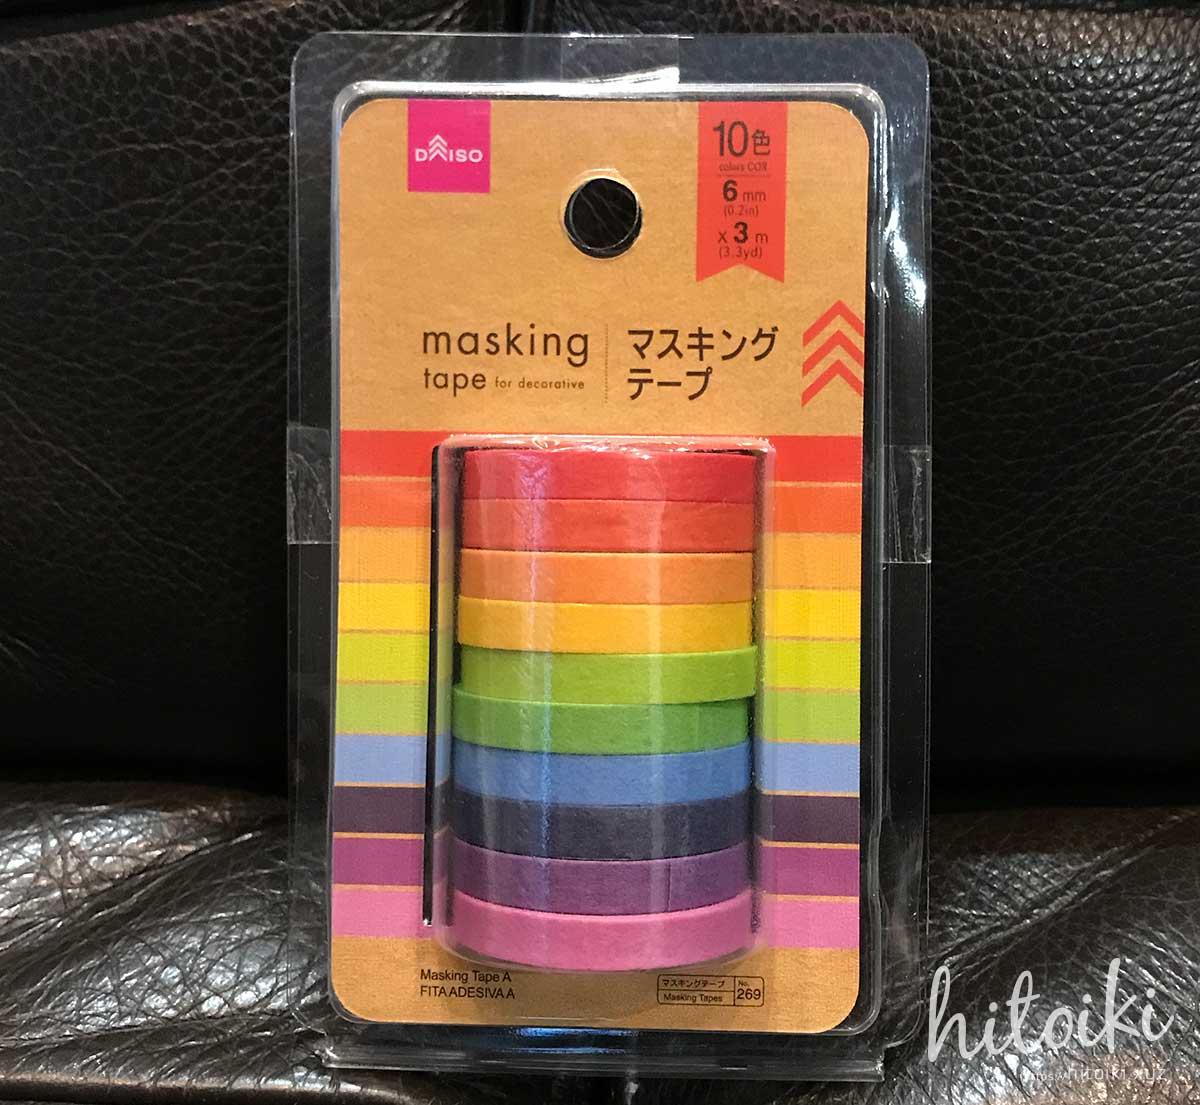 ダイソー レインボーカラー(虹色)のマスキングテープ daiso_masking_tape_img_4356